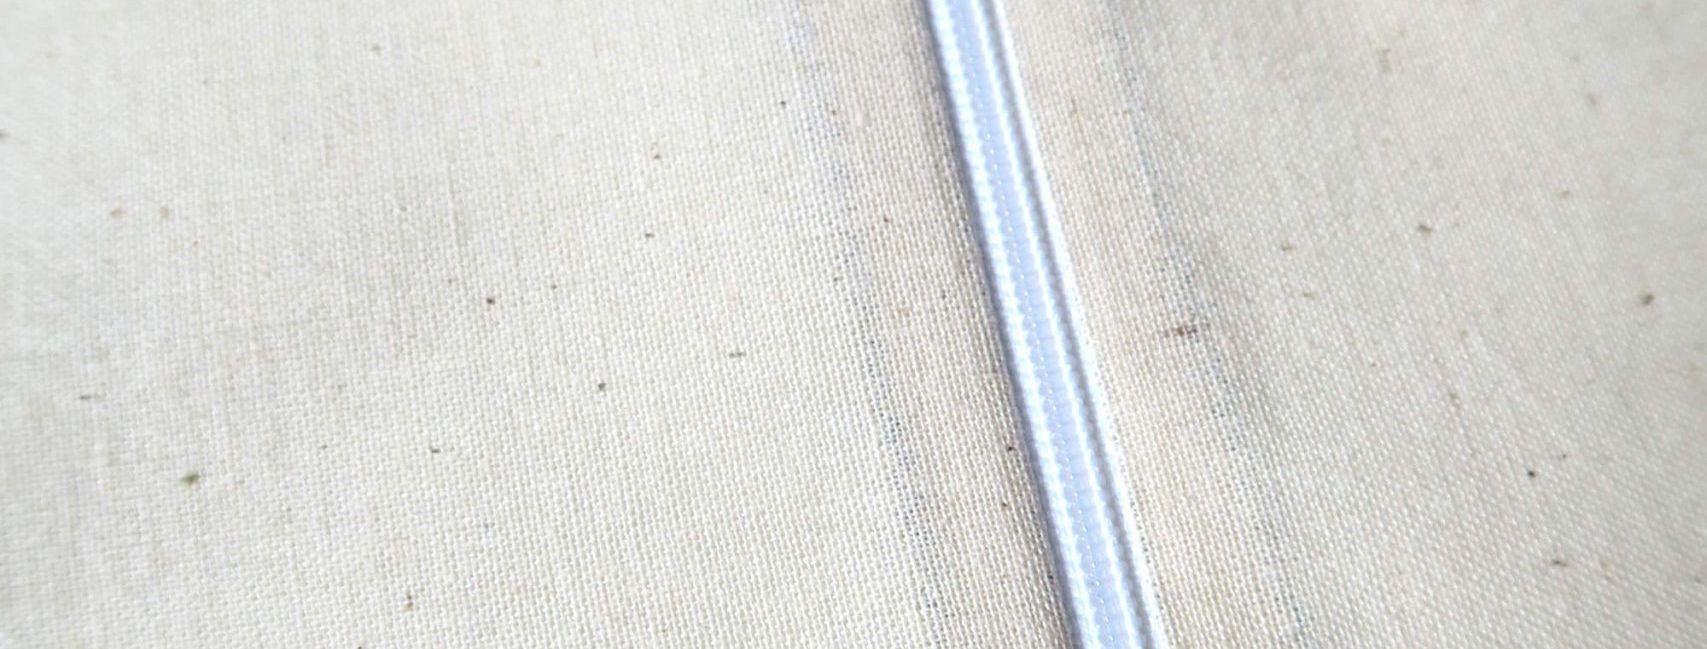 Técnicas de costura: cómo coser una cremallera